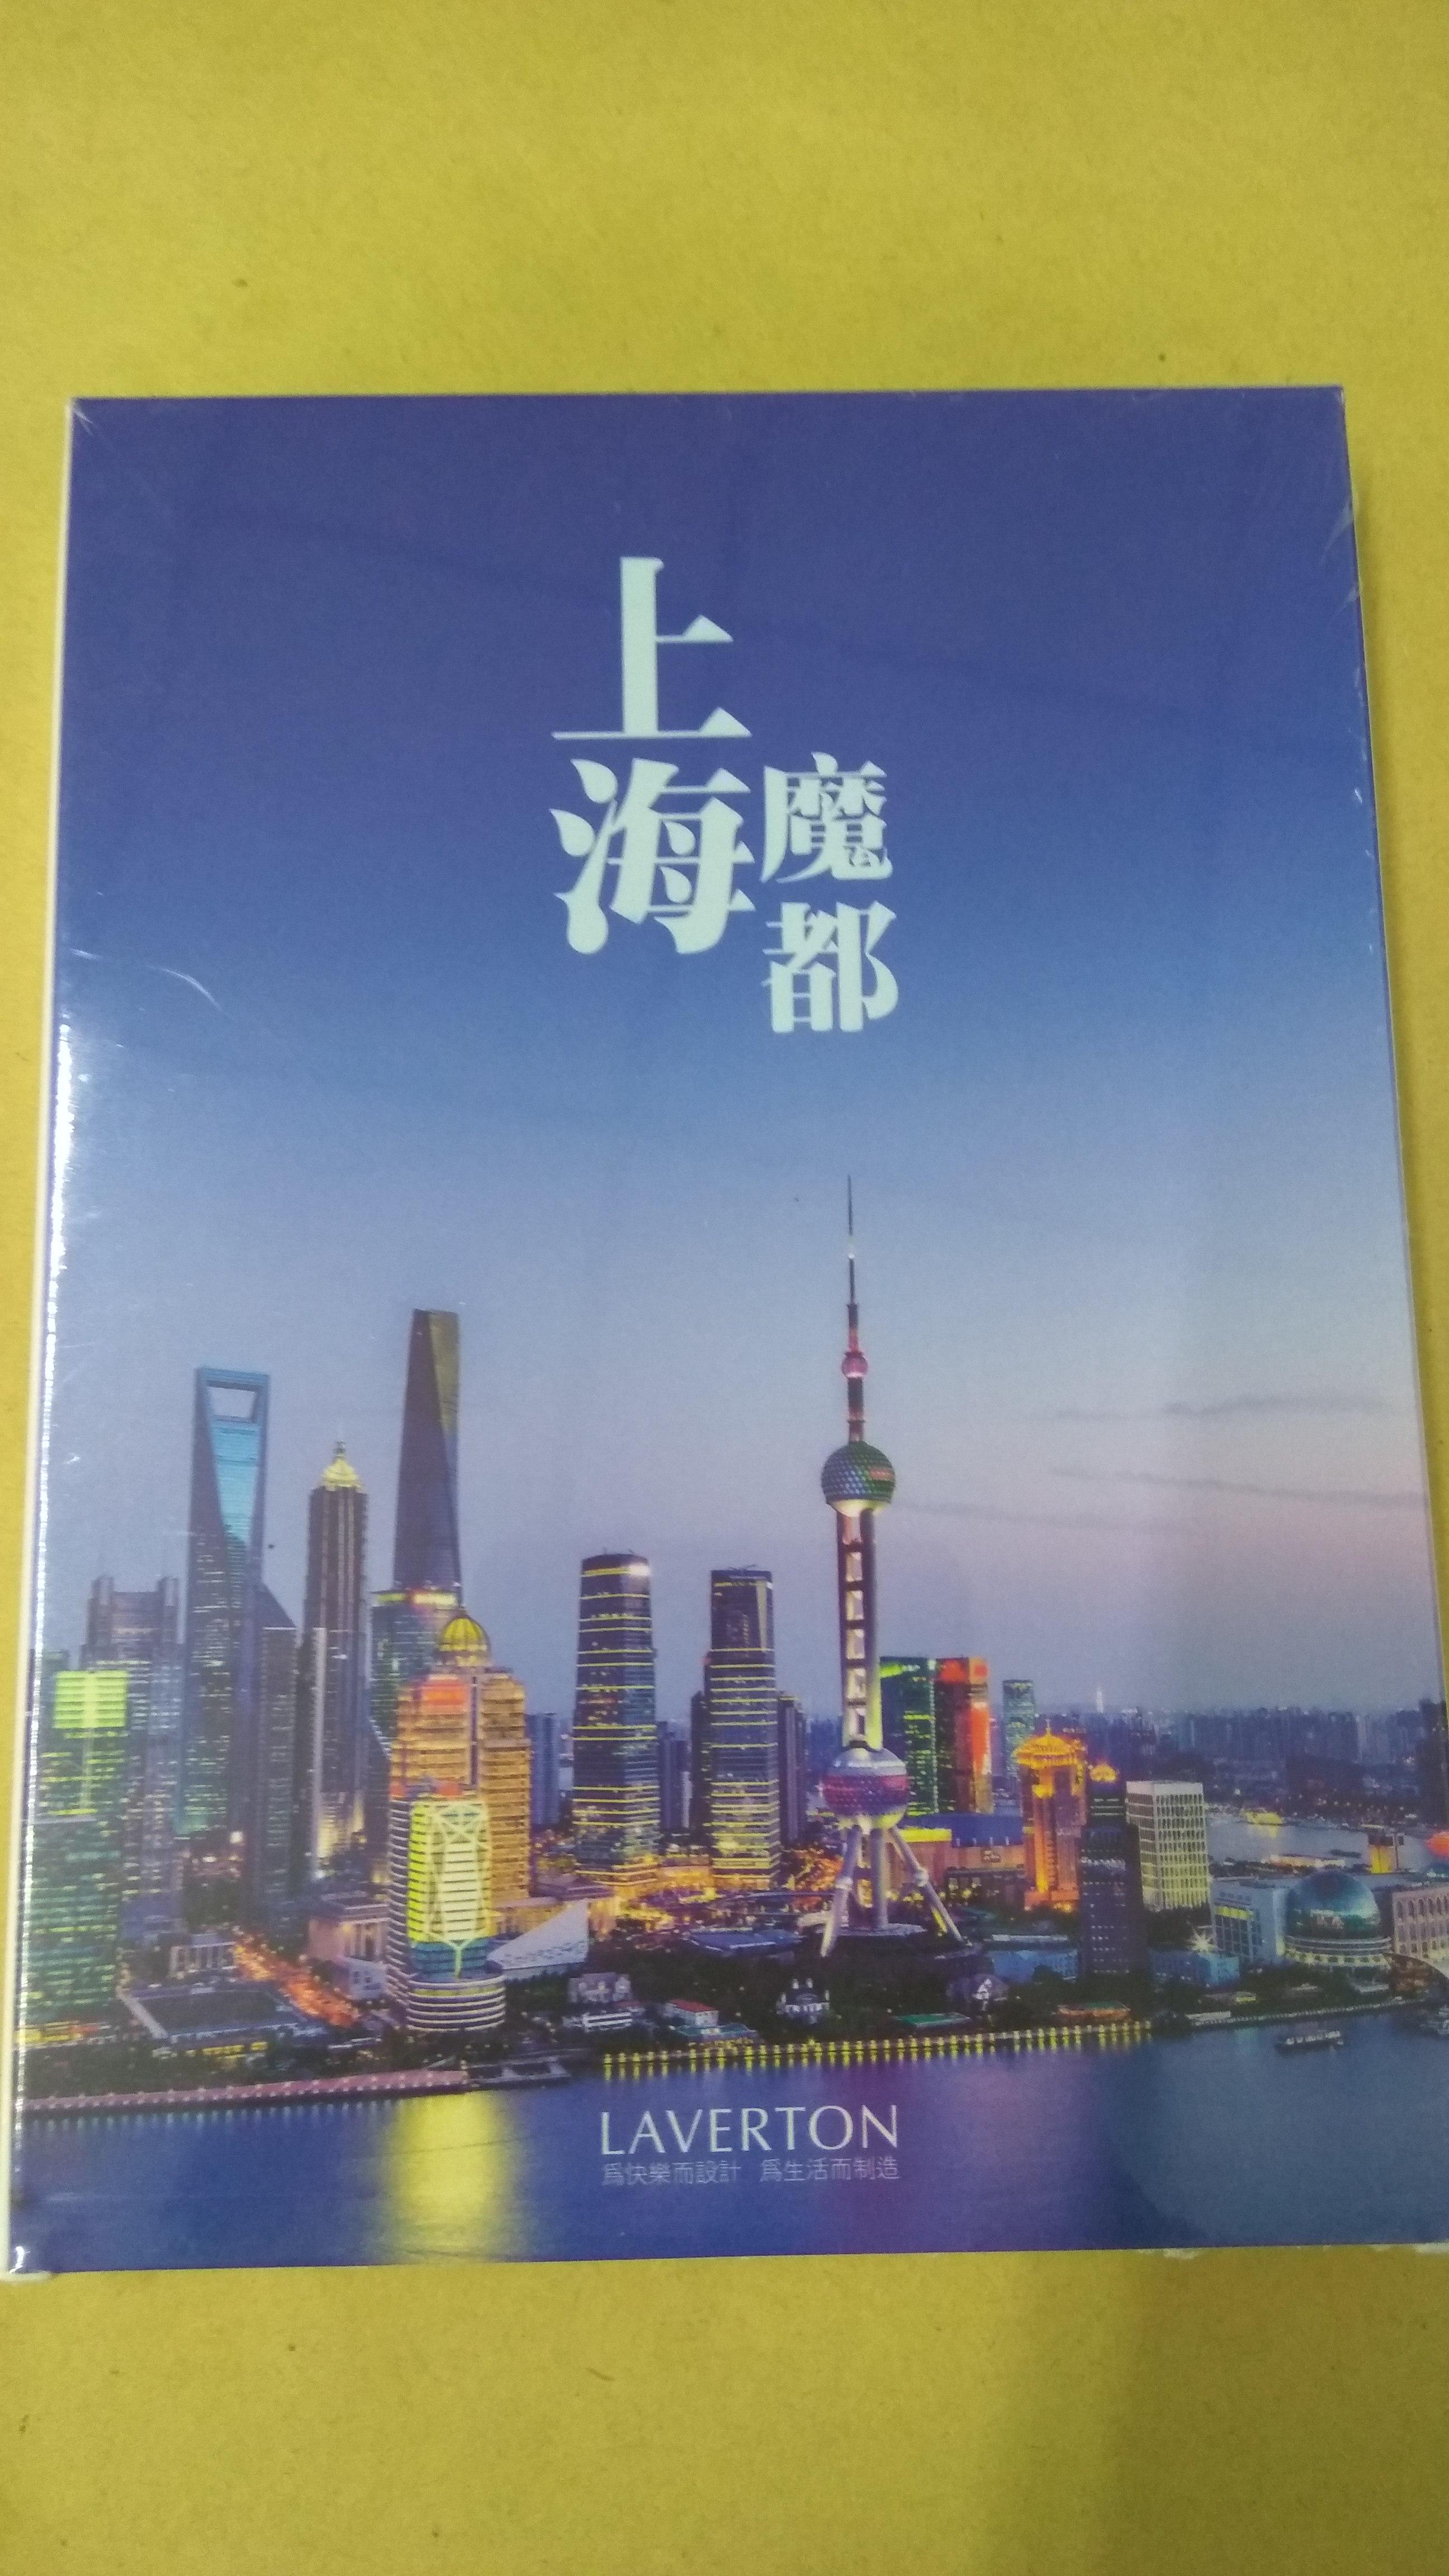 Квартира цена поколение сделать поколение послать шанхай открытка штифт шанхай день печать и фаза выключить годовщина глава печать от шанхай послать из